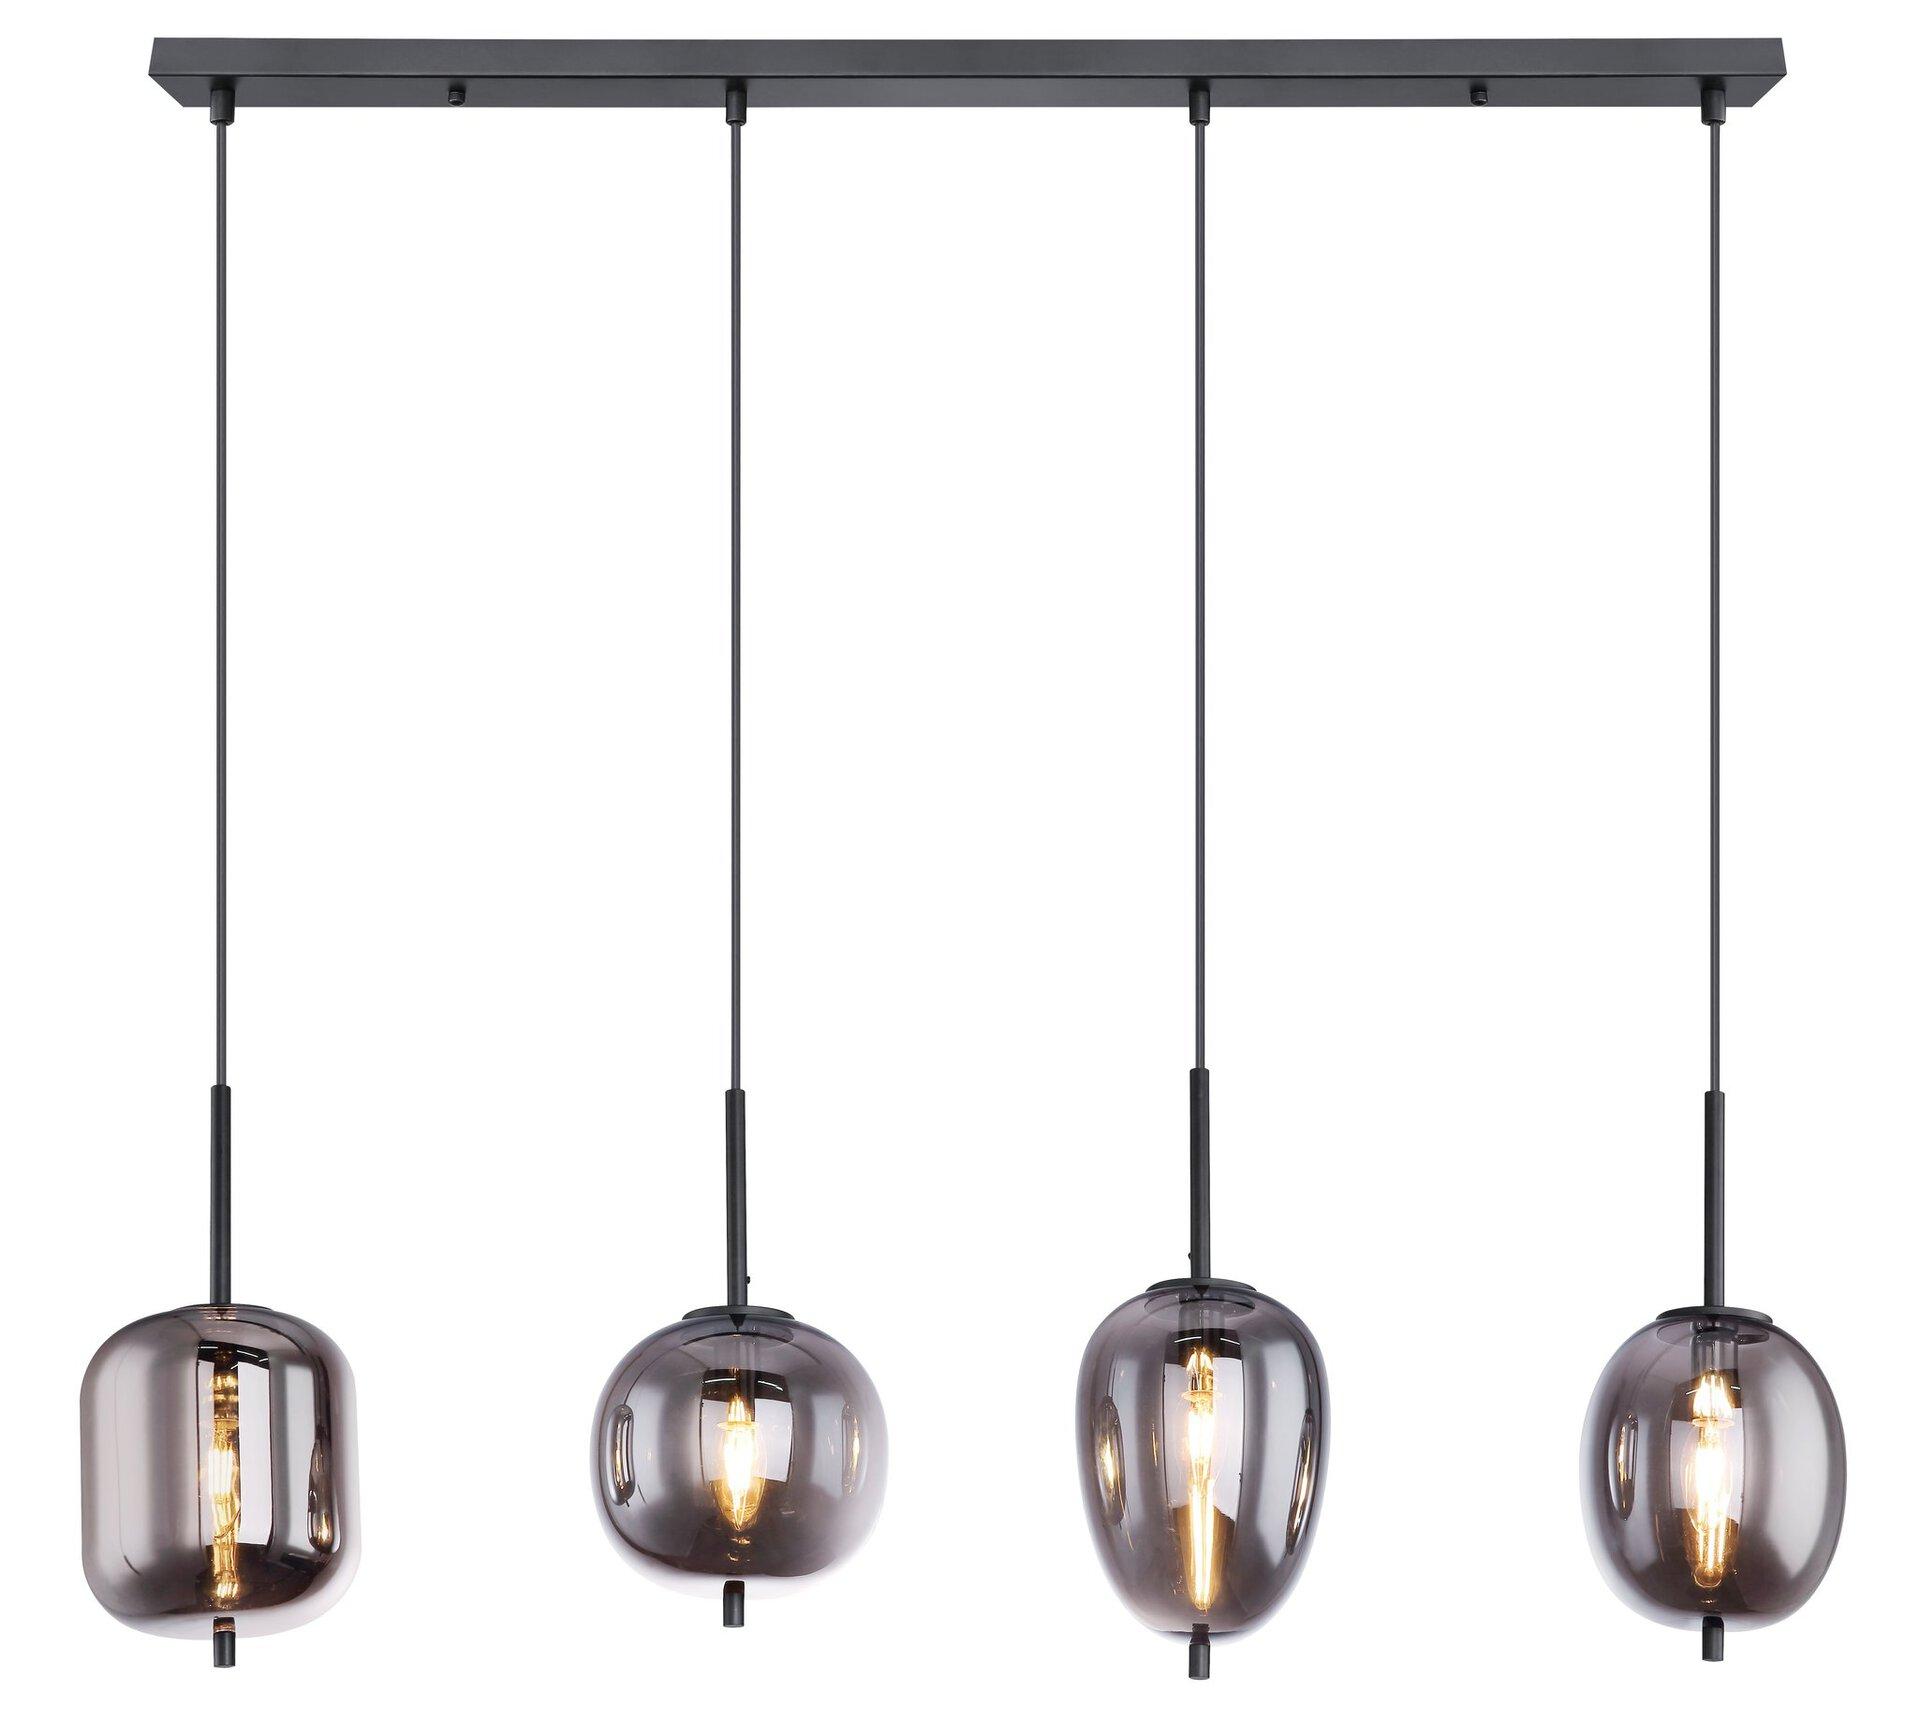 Hängeleuchte BLACKY Globo Metall schwarz 19 x 120 x 100 cm